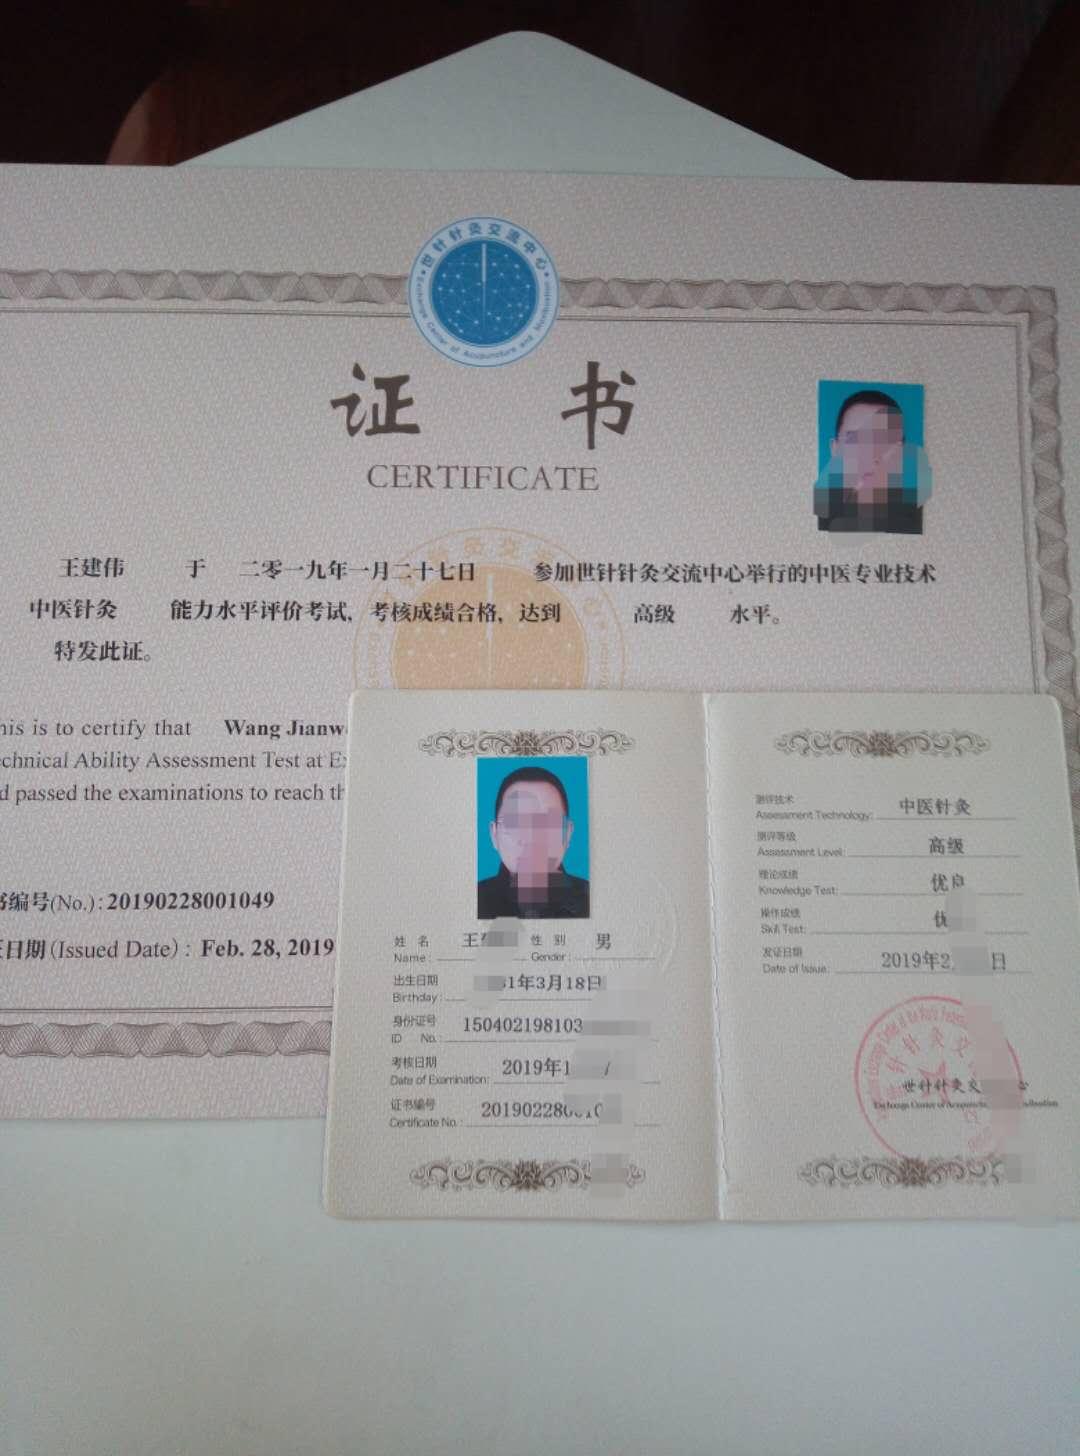 中医针灸证书查询方法-世针针灸交流中心